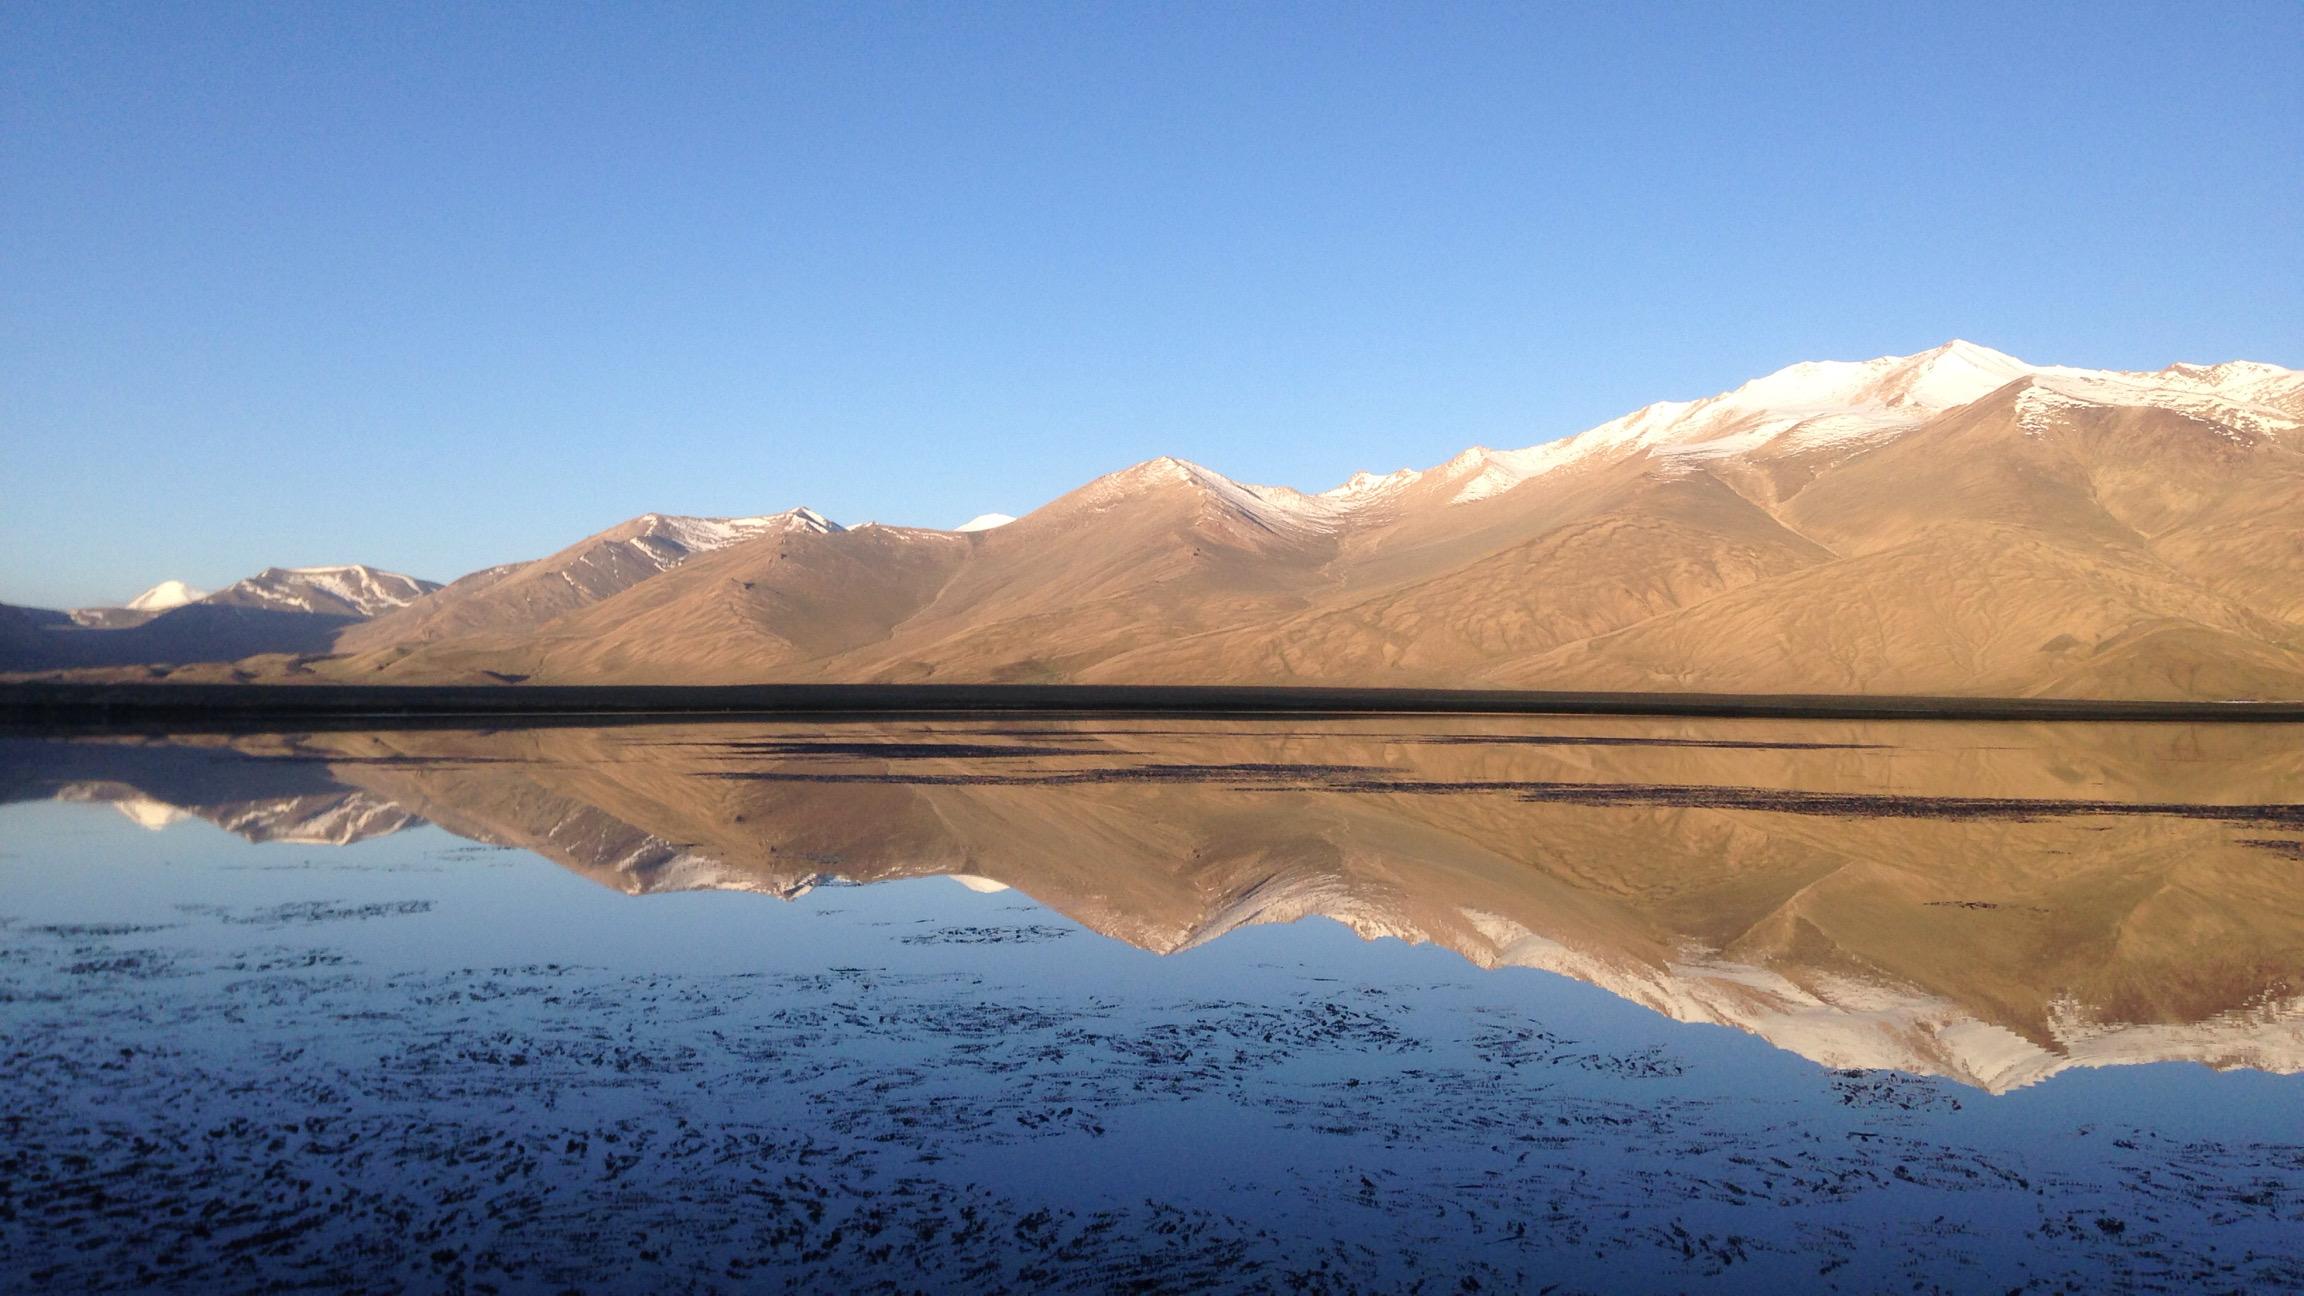 中央アジア タジキスタン ワハーン回廊